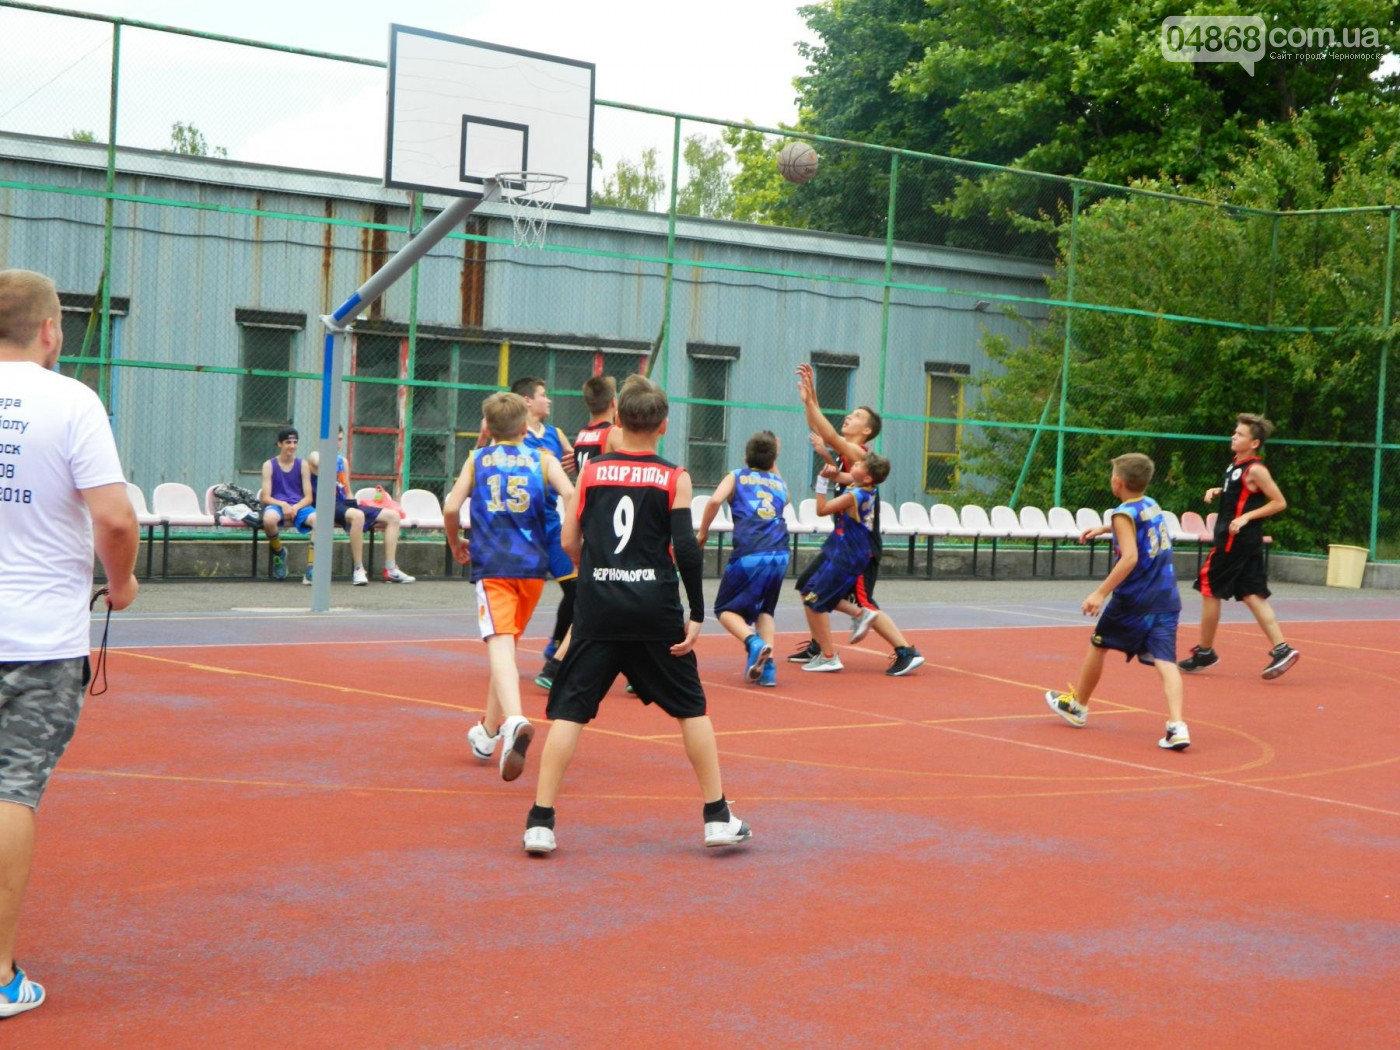 В Черноморске пройдет фестиваль по баскетболу, фото-2